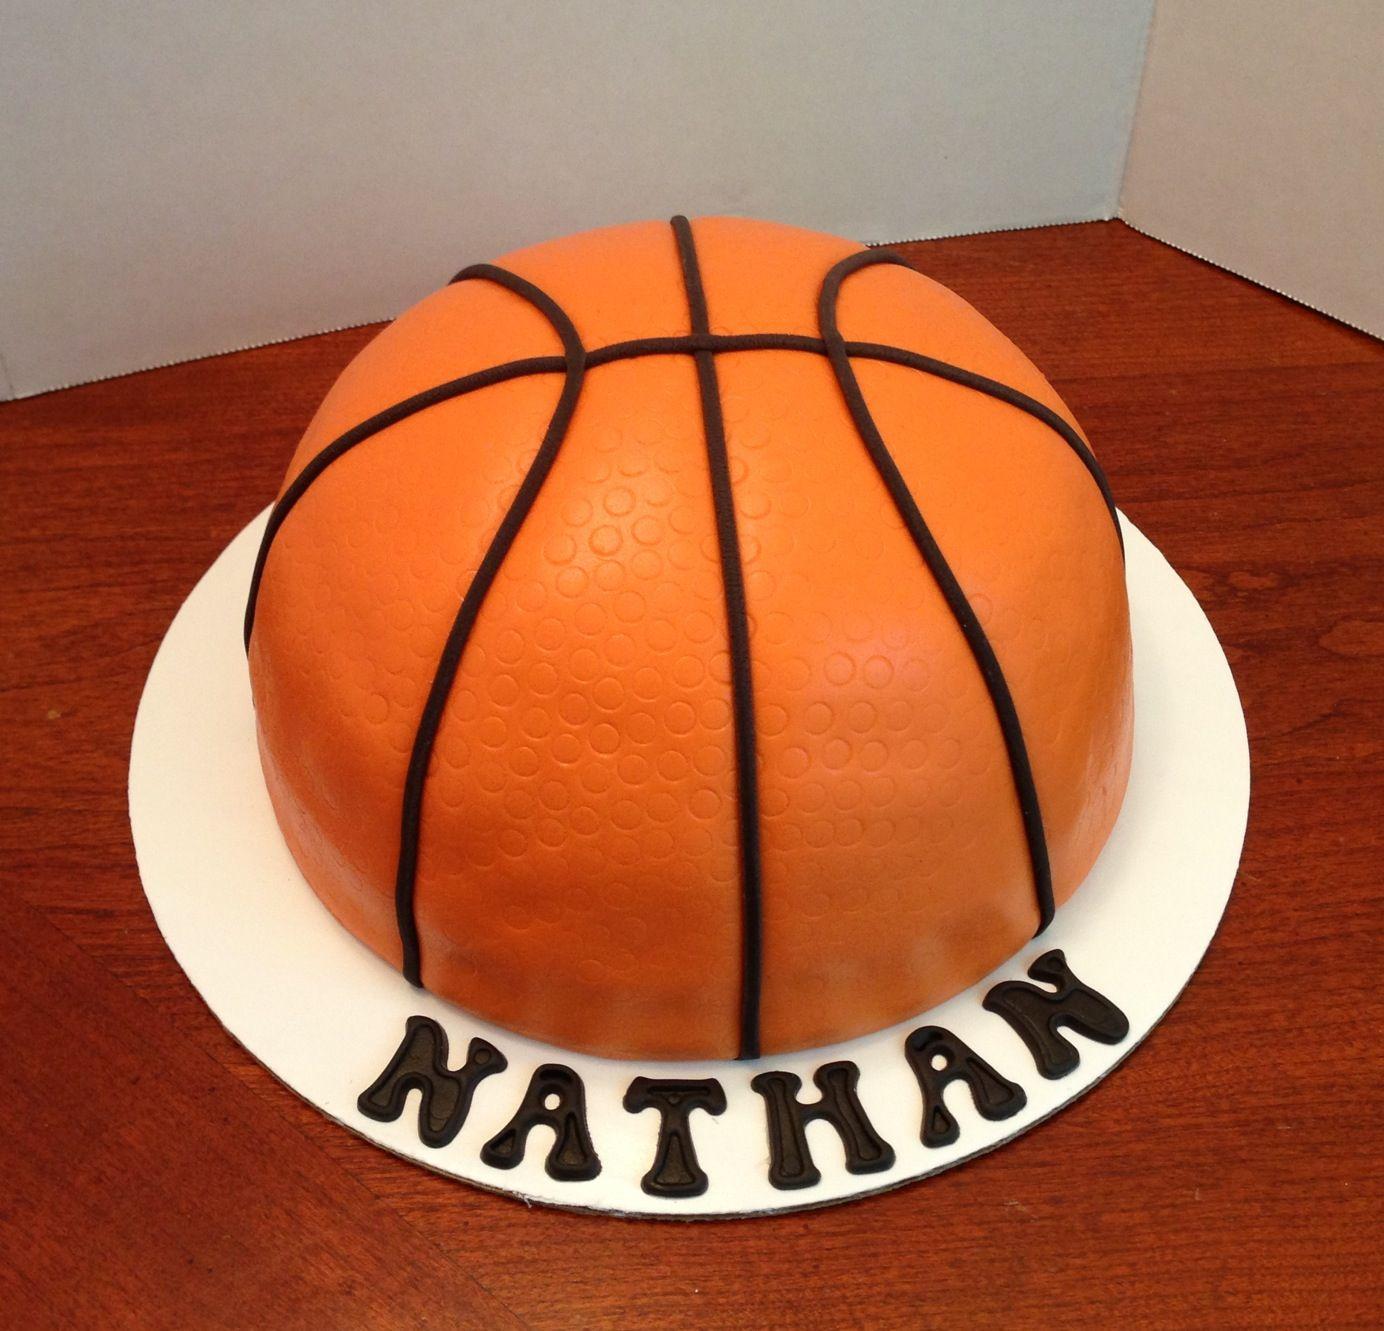 Half Basketball Cake All Fondant Karen Reeves Custom Cakes In